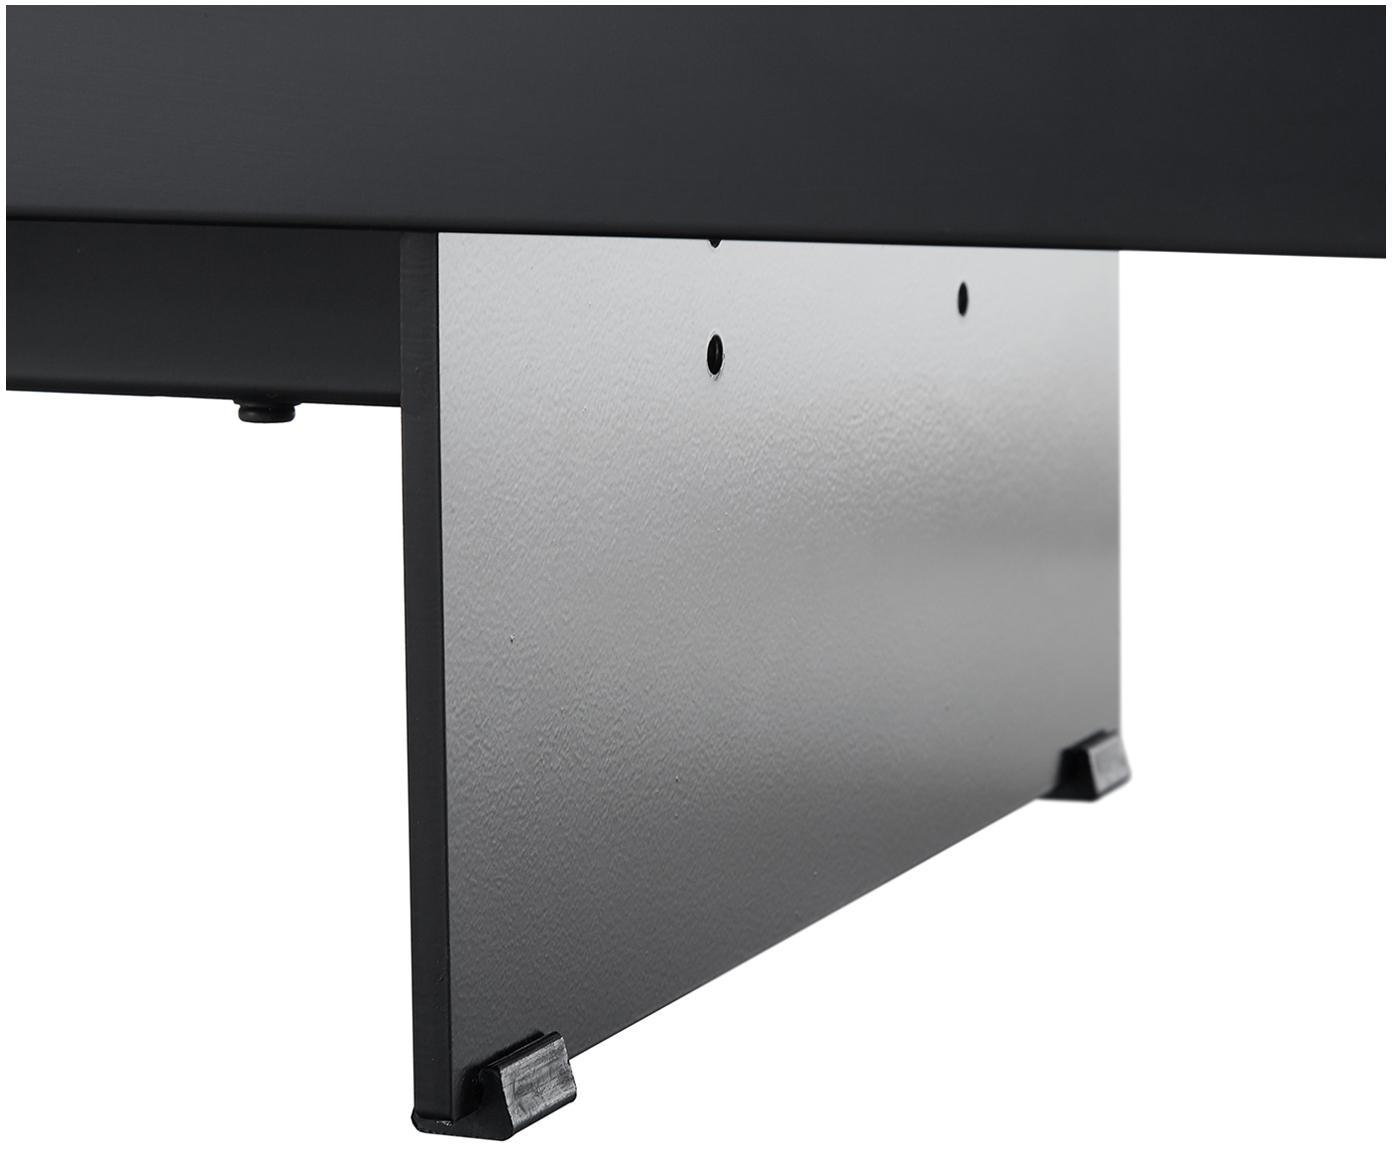 Tv-meubel Fiona met oppervlak in marmerlook, Frame: gelakt MDF, Poten: gepoedercoat metaal, Plank: keramiek, Frame: mat zwart. Poten: mat zwart. Plank: zwart, gemarmerd, 160 x 46 cm